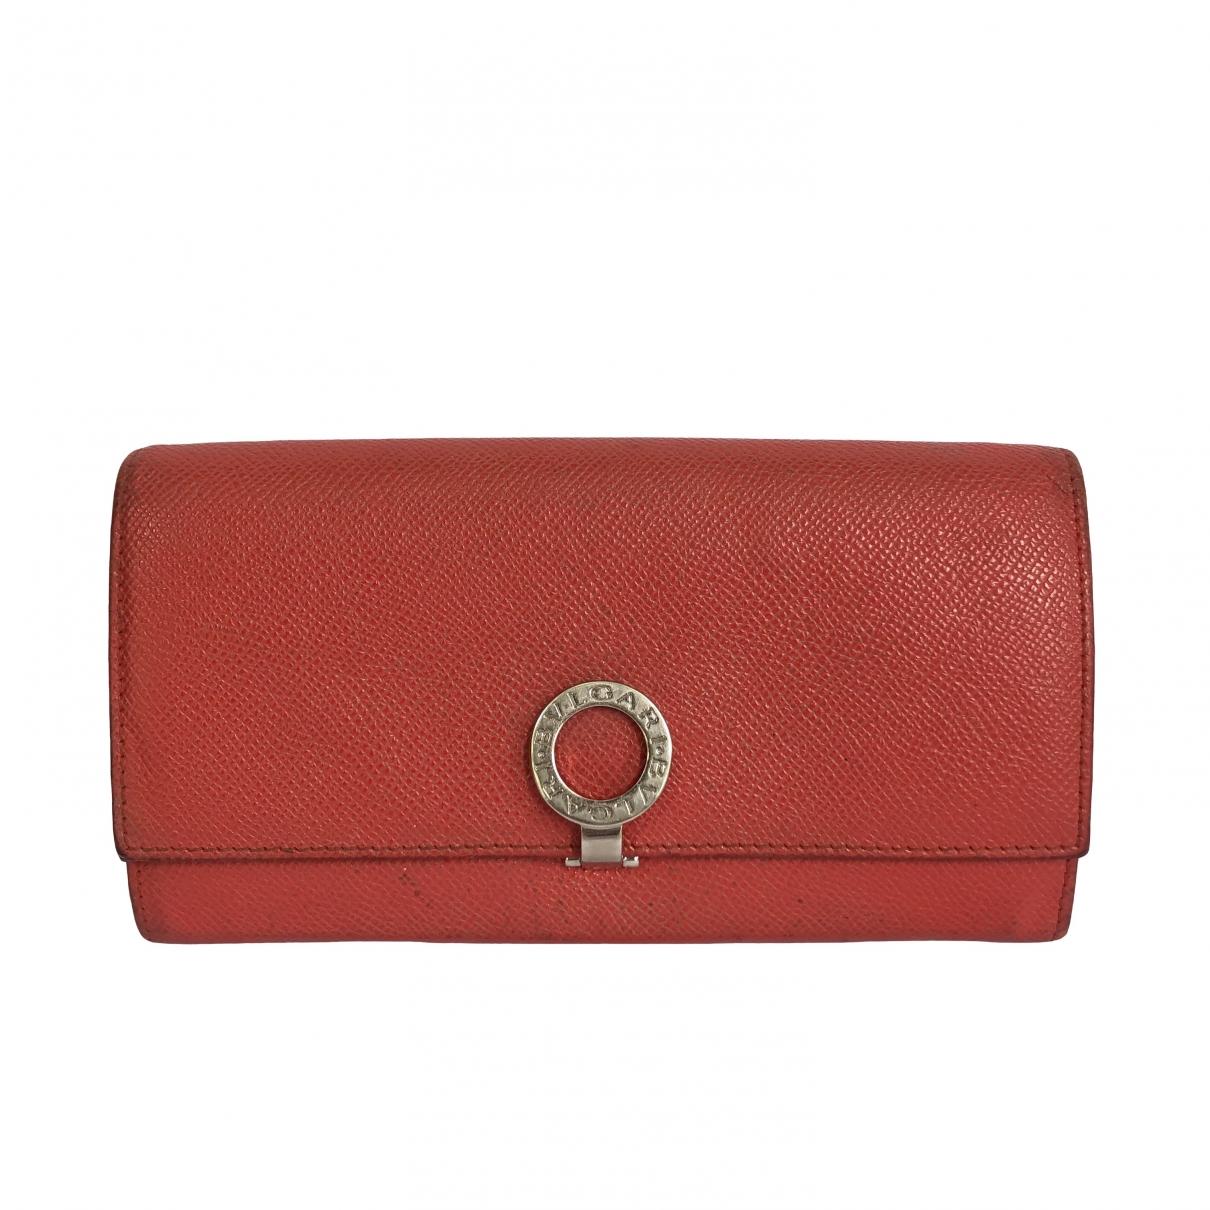 Bvlgari \N Portemonnaie in  Rot Leder